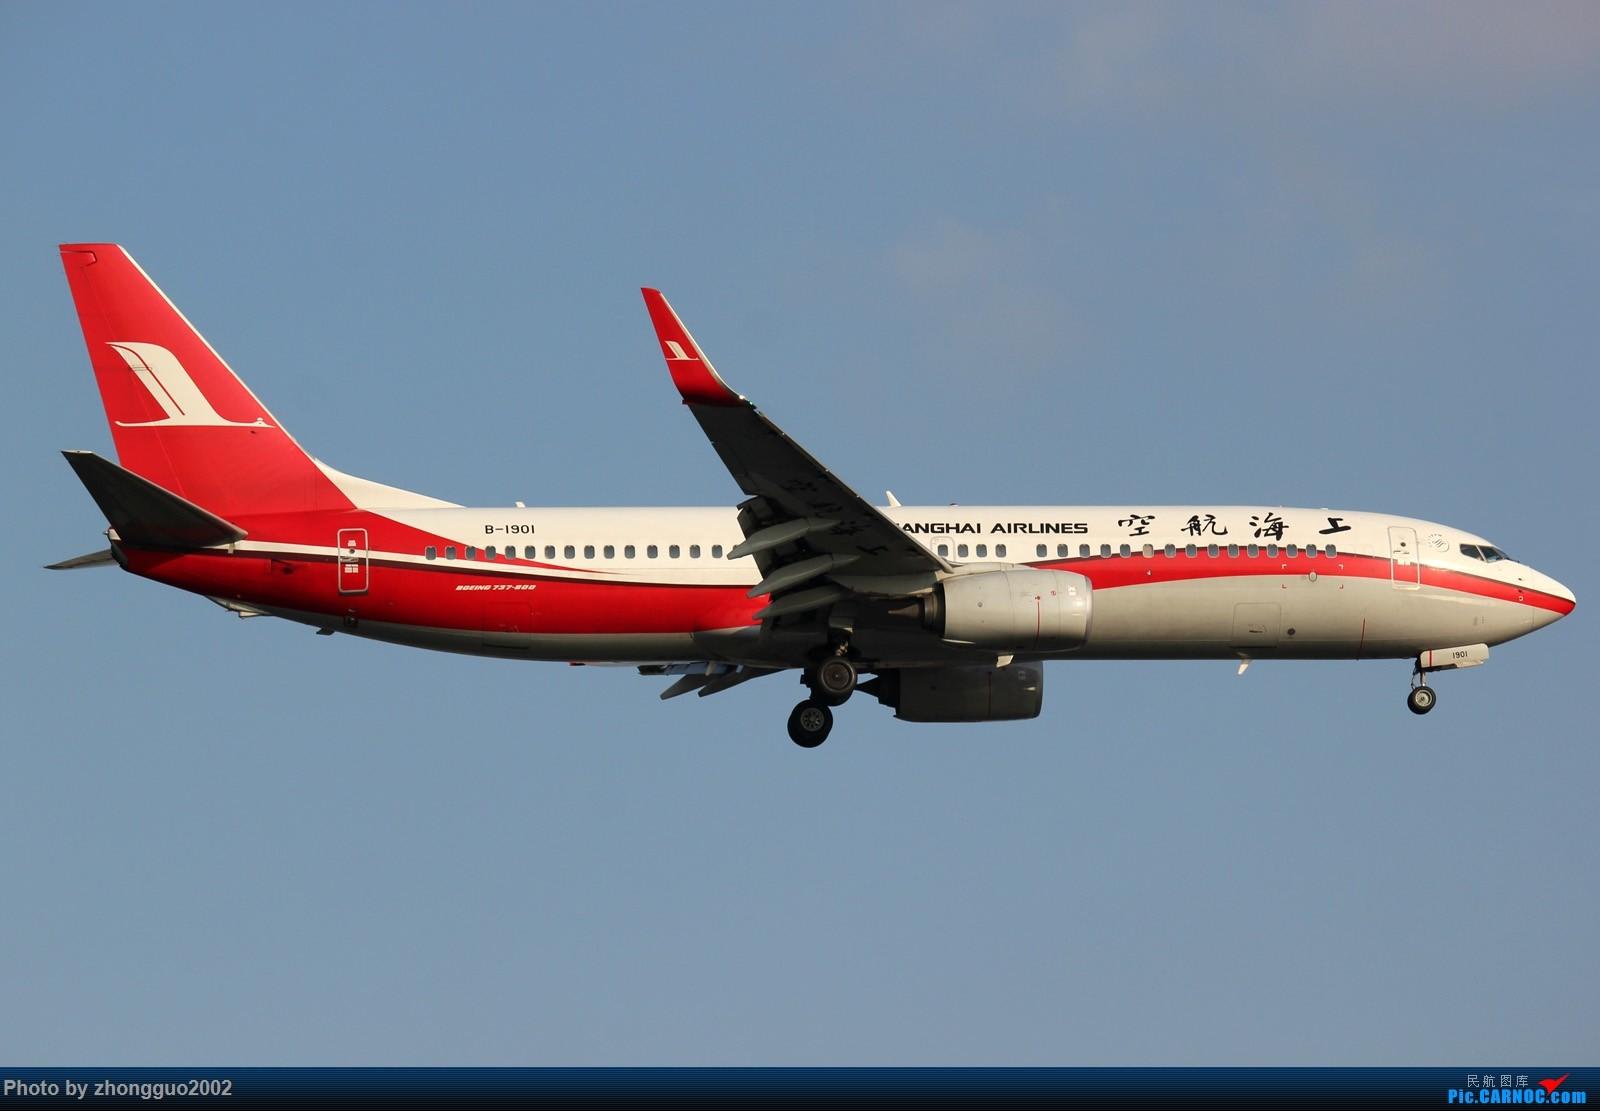 Re:[原创]【BLDDQ--深圳打机队】发小飞机盖楼贴,凡跟帖1字开头大陆民航飞机图的,每图五架小飞机不重复 BOEING 737-800 B-1901 中国呼和浩特白塔国际机场